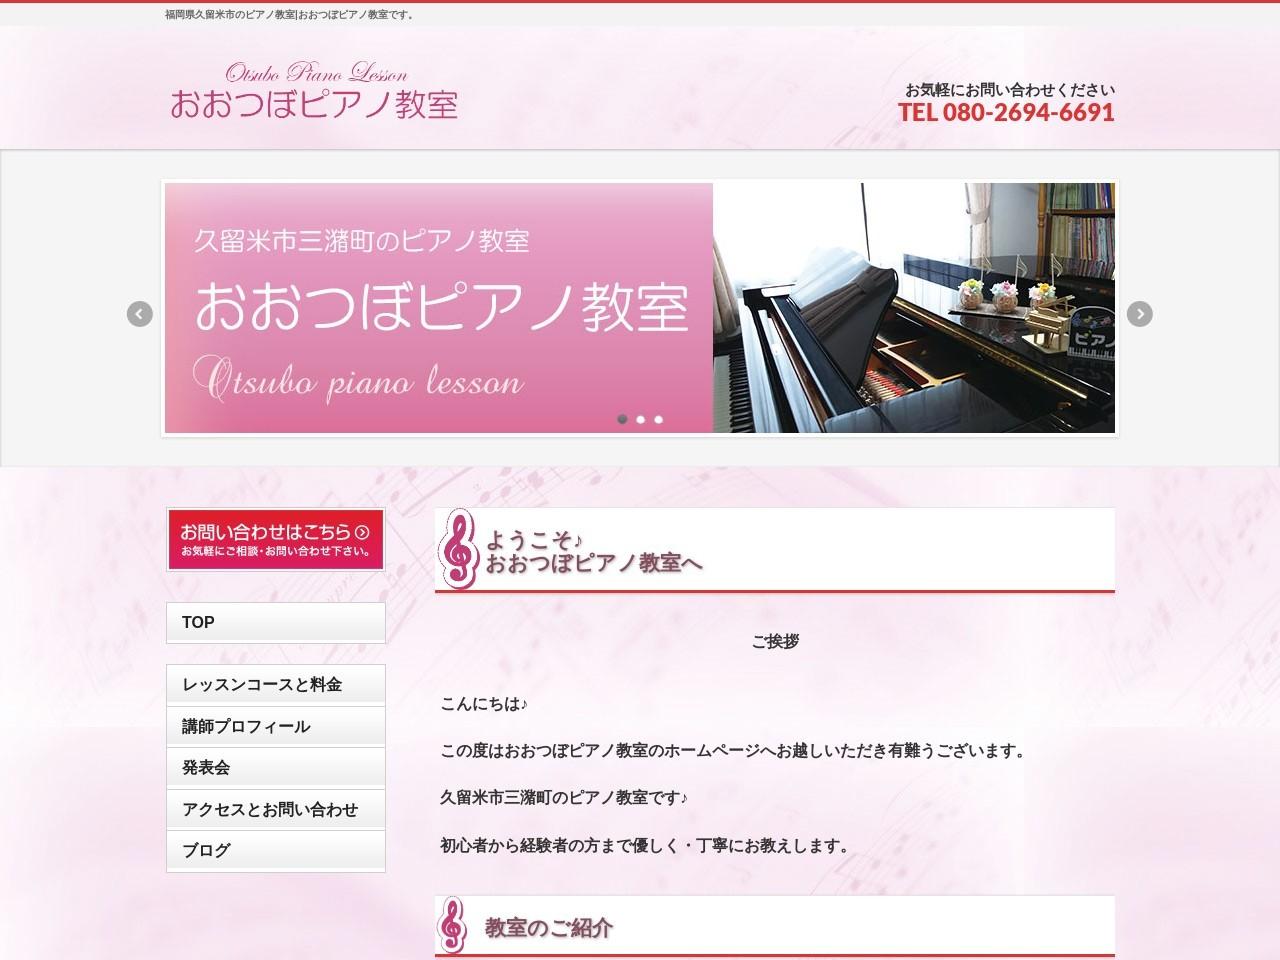 おおつぼピアノ教室のサムネイル